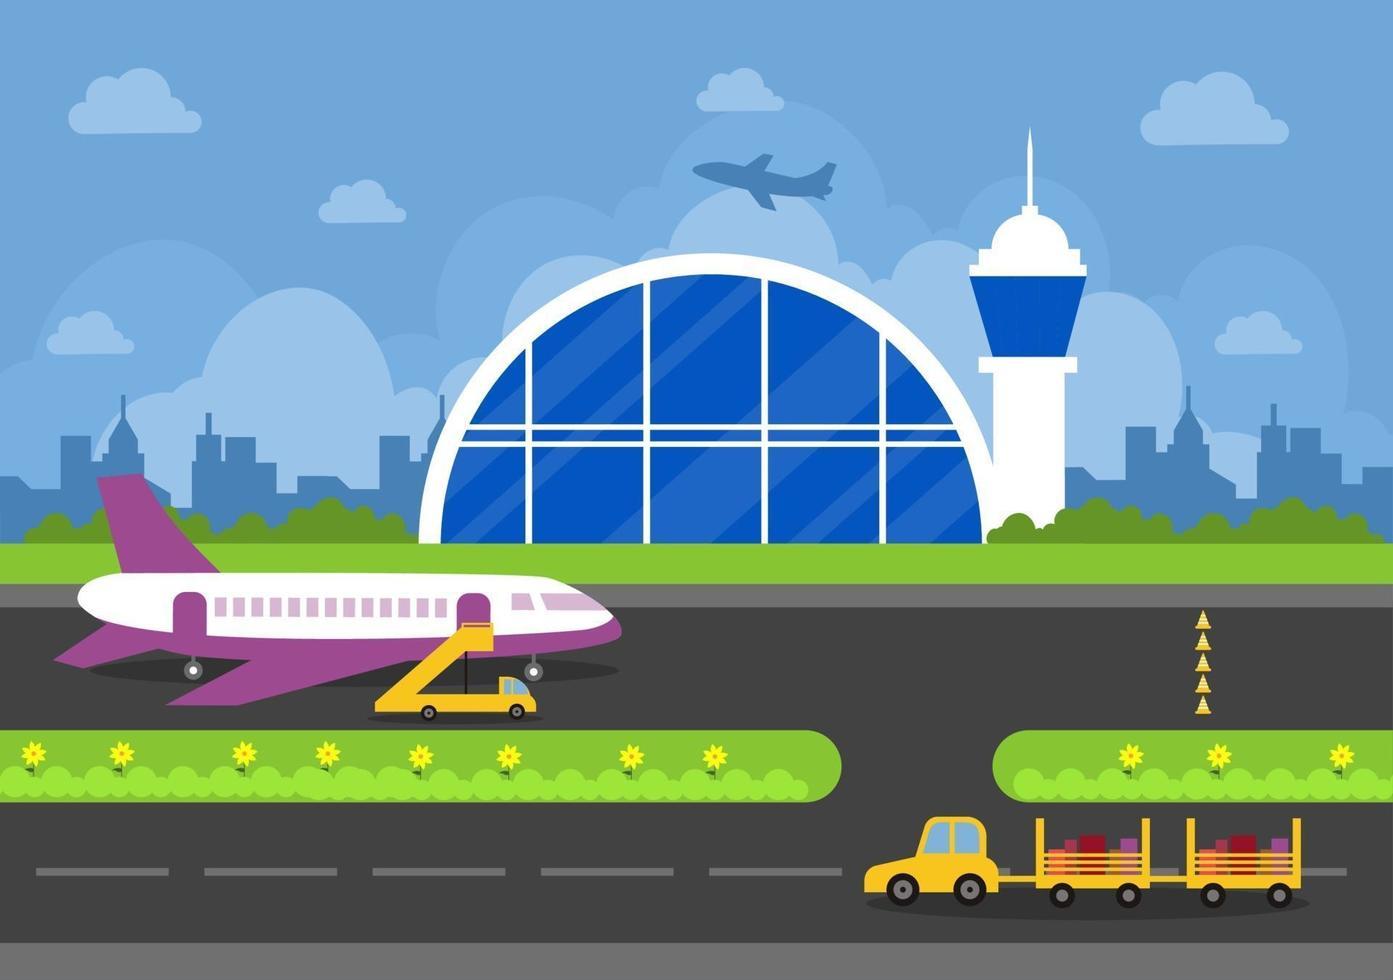 flygplats terminal byggnad med infografiska flygplan startar och olika transport typer element mallar vektorillustration vektor